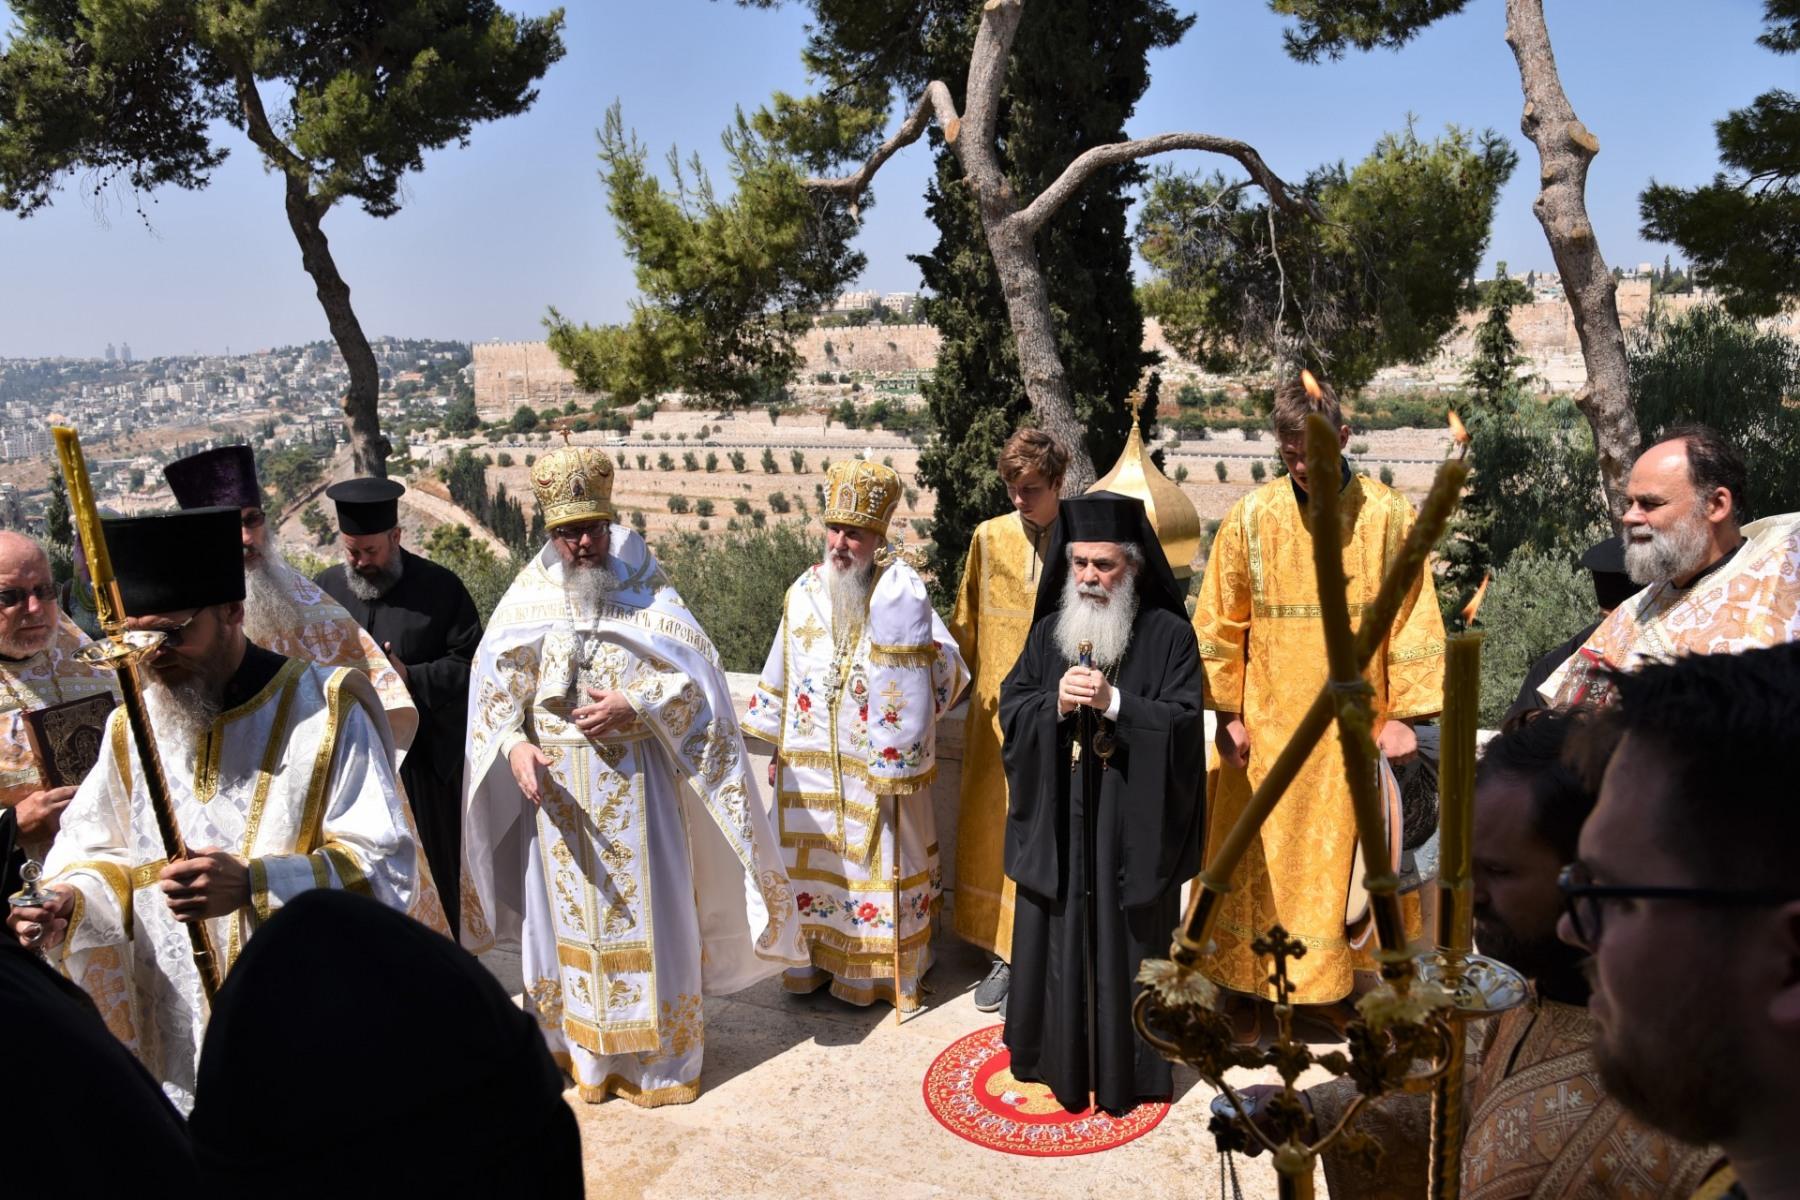 Монастырь равноапостольной Марии Магдалины. Крестный ход.